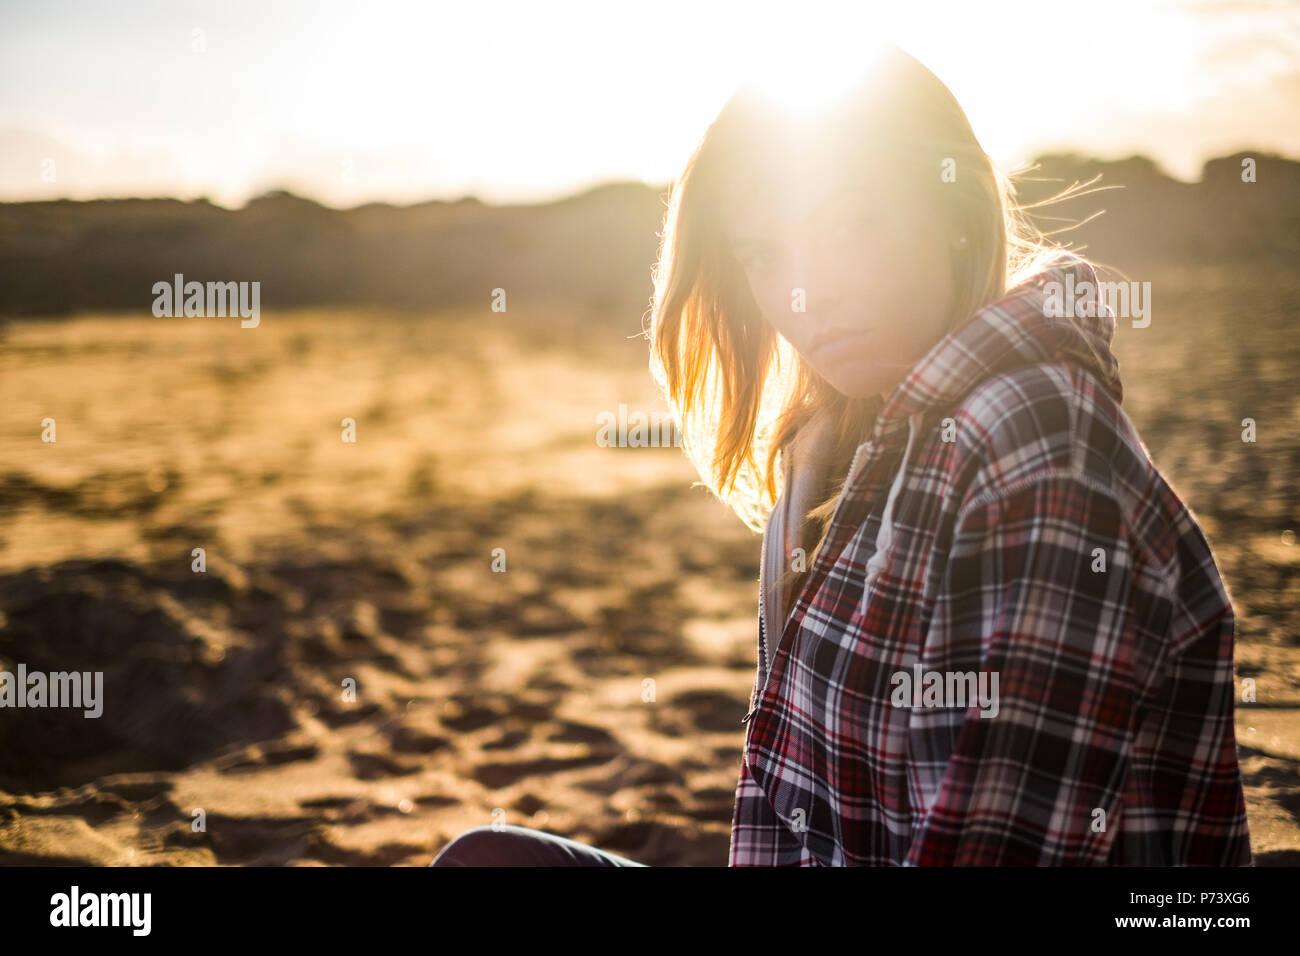 Super schönen goldenen Licht in einen Sonnenuntergang mit blonden attraktiven Menschen molde Sitzen am Strand, Urlaub und Reisen Fernweh für aktive Mädchen suchen Stockbild